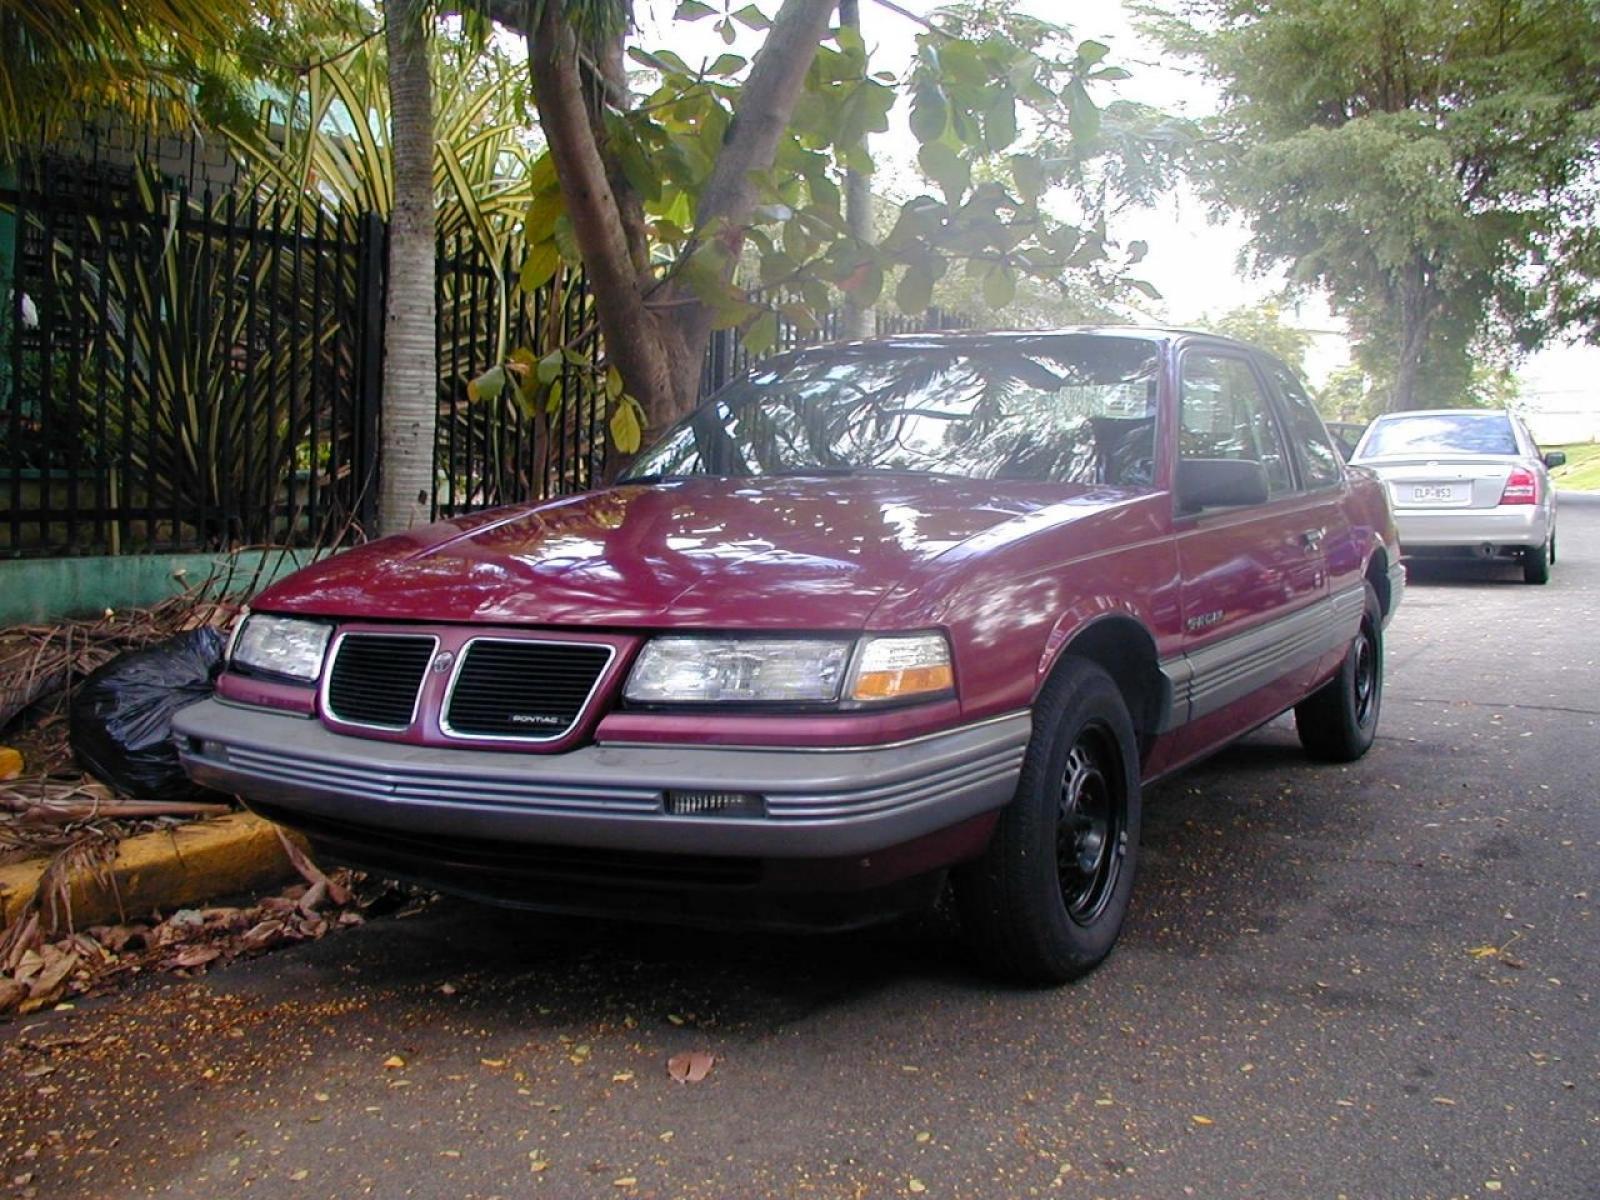 1990 Pontiac Grand Am #4 Pontiac Grand Am #4 800 1024 1280 1600 origin ...